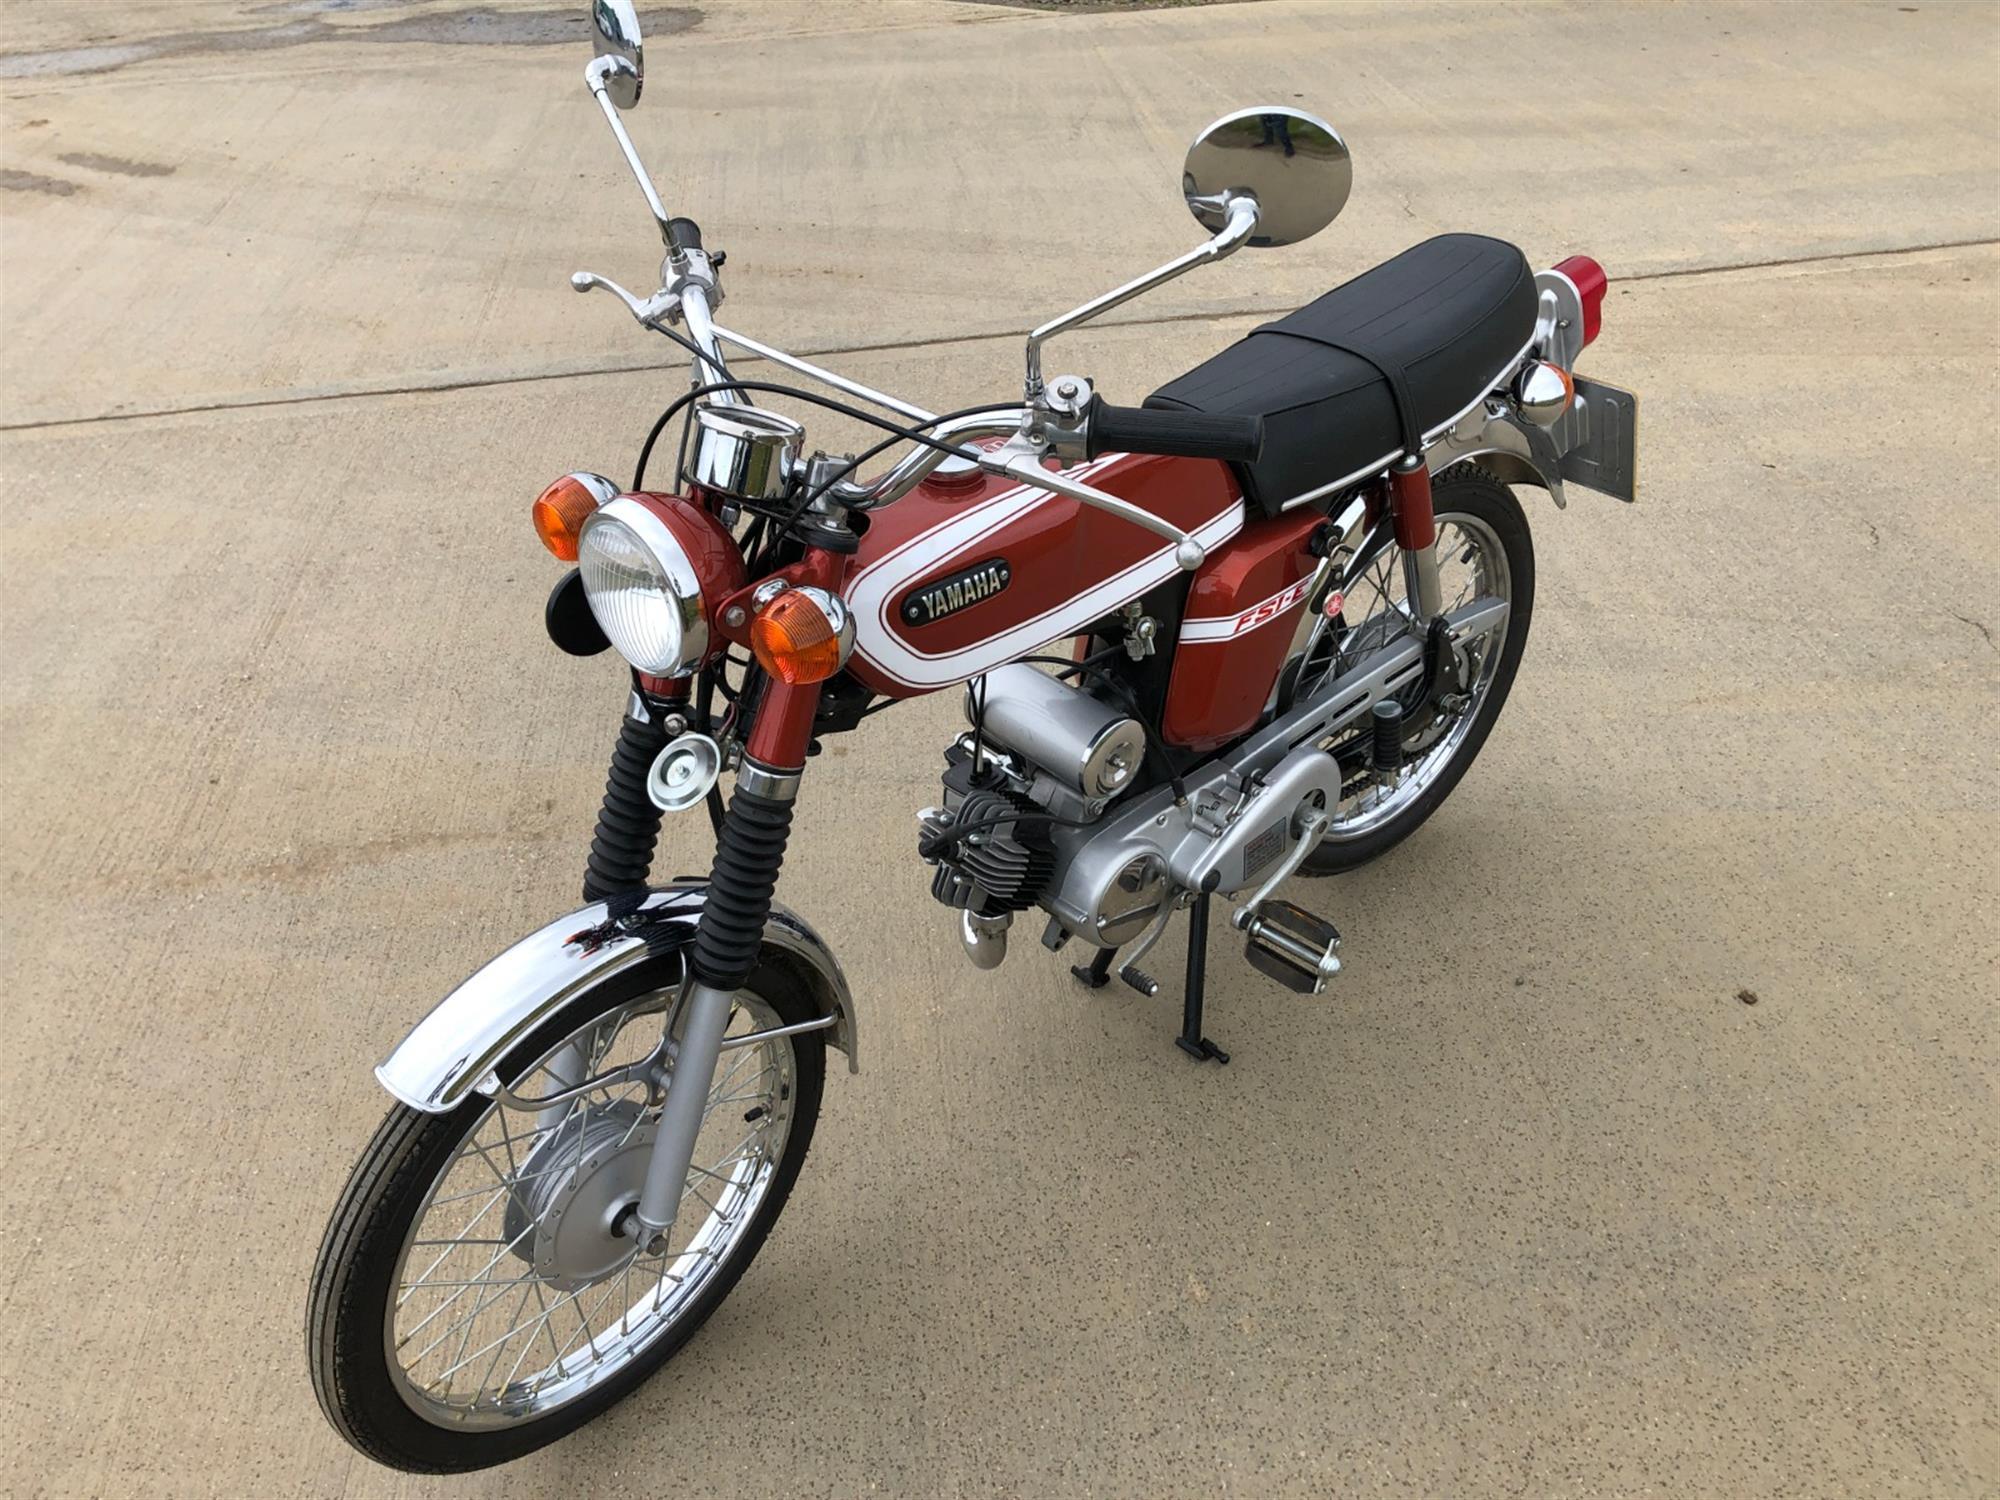 1977 Yamaha FS1-E - Image 5 of 8